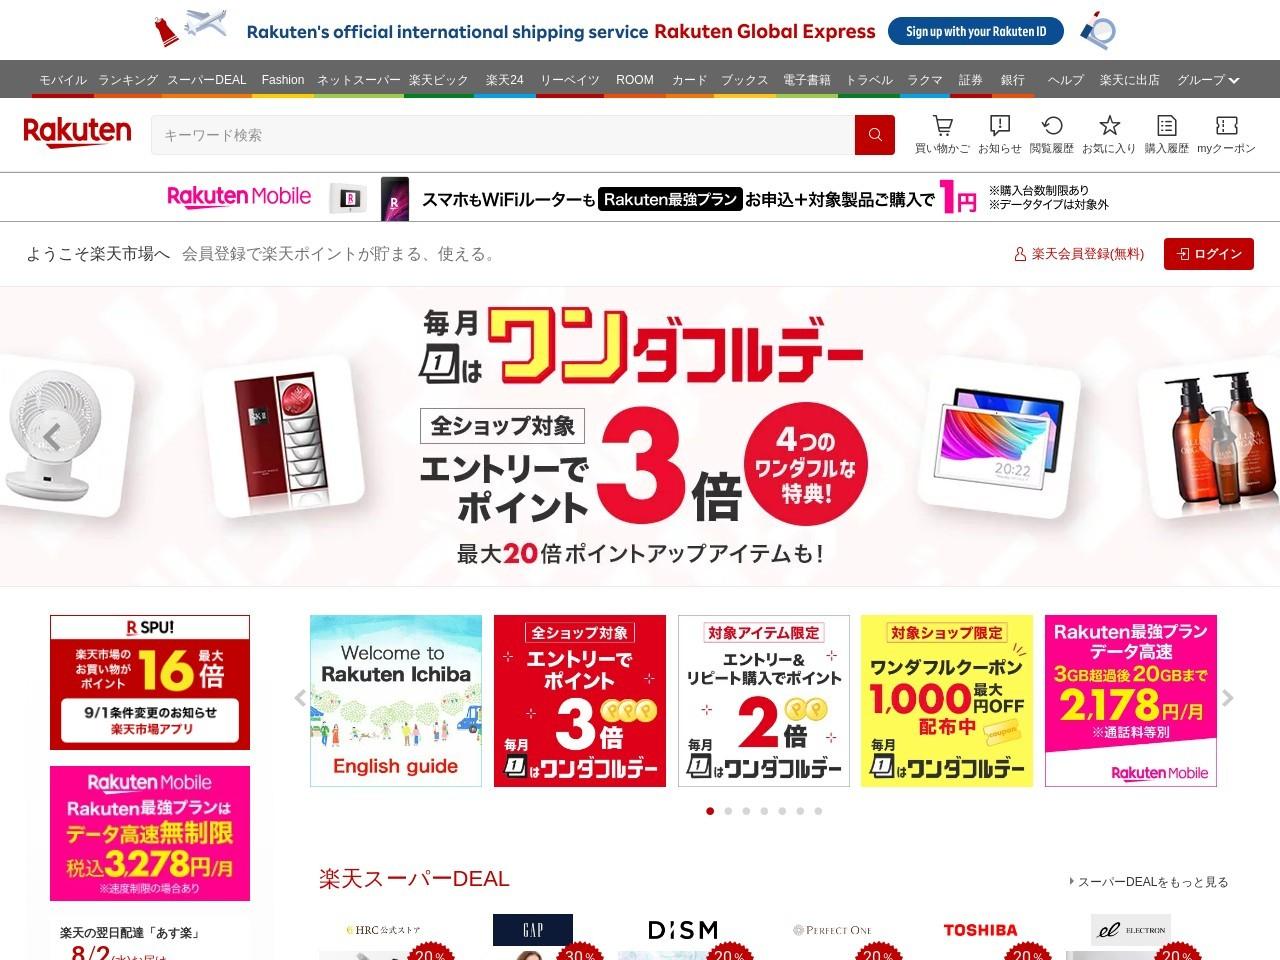 http://www.rakuten.co.jp/shichida/